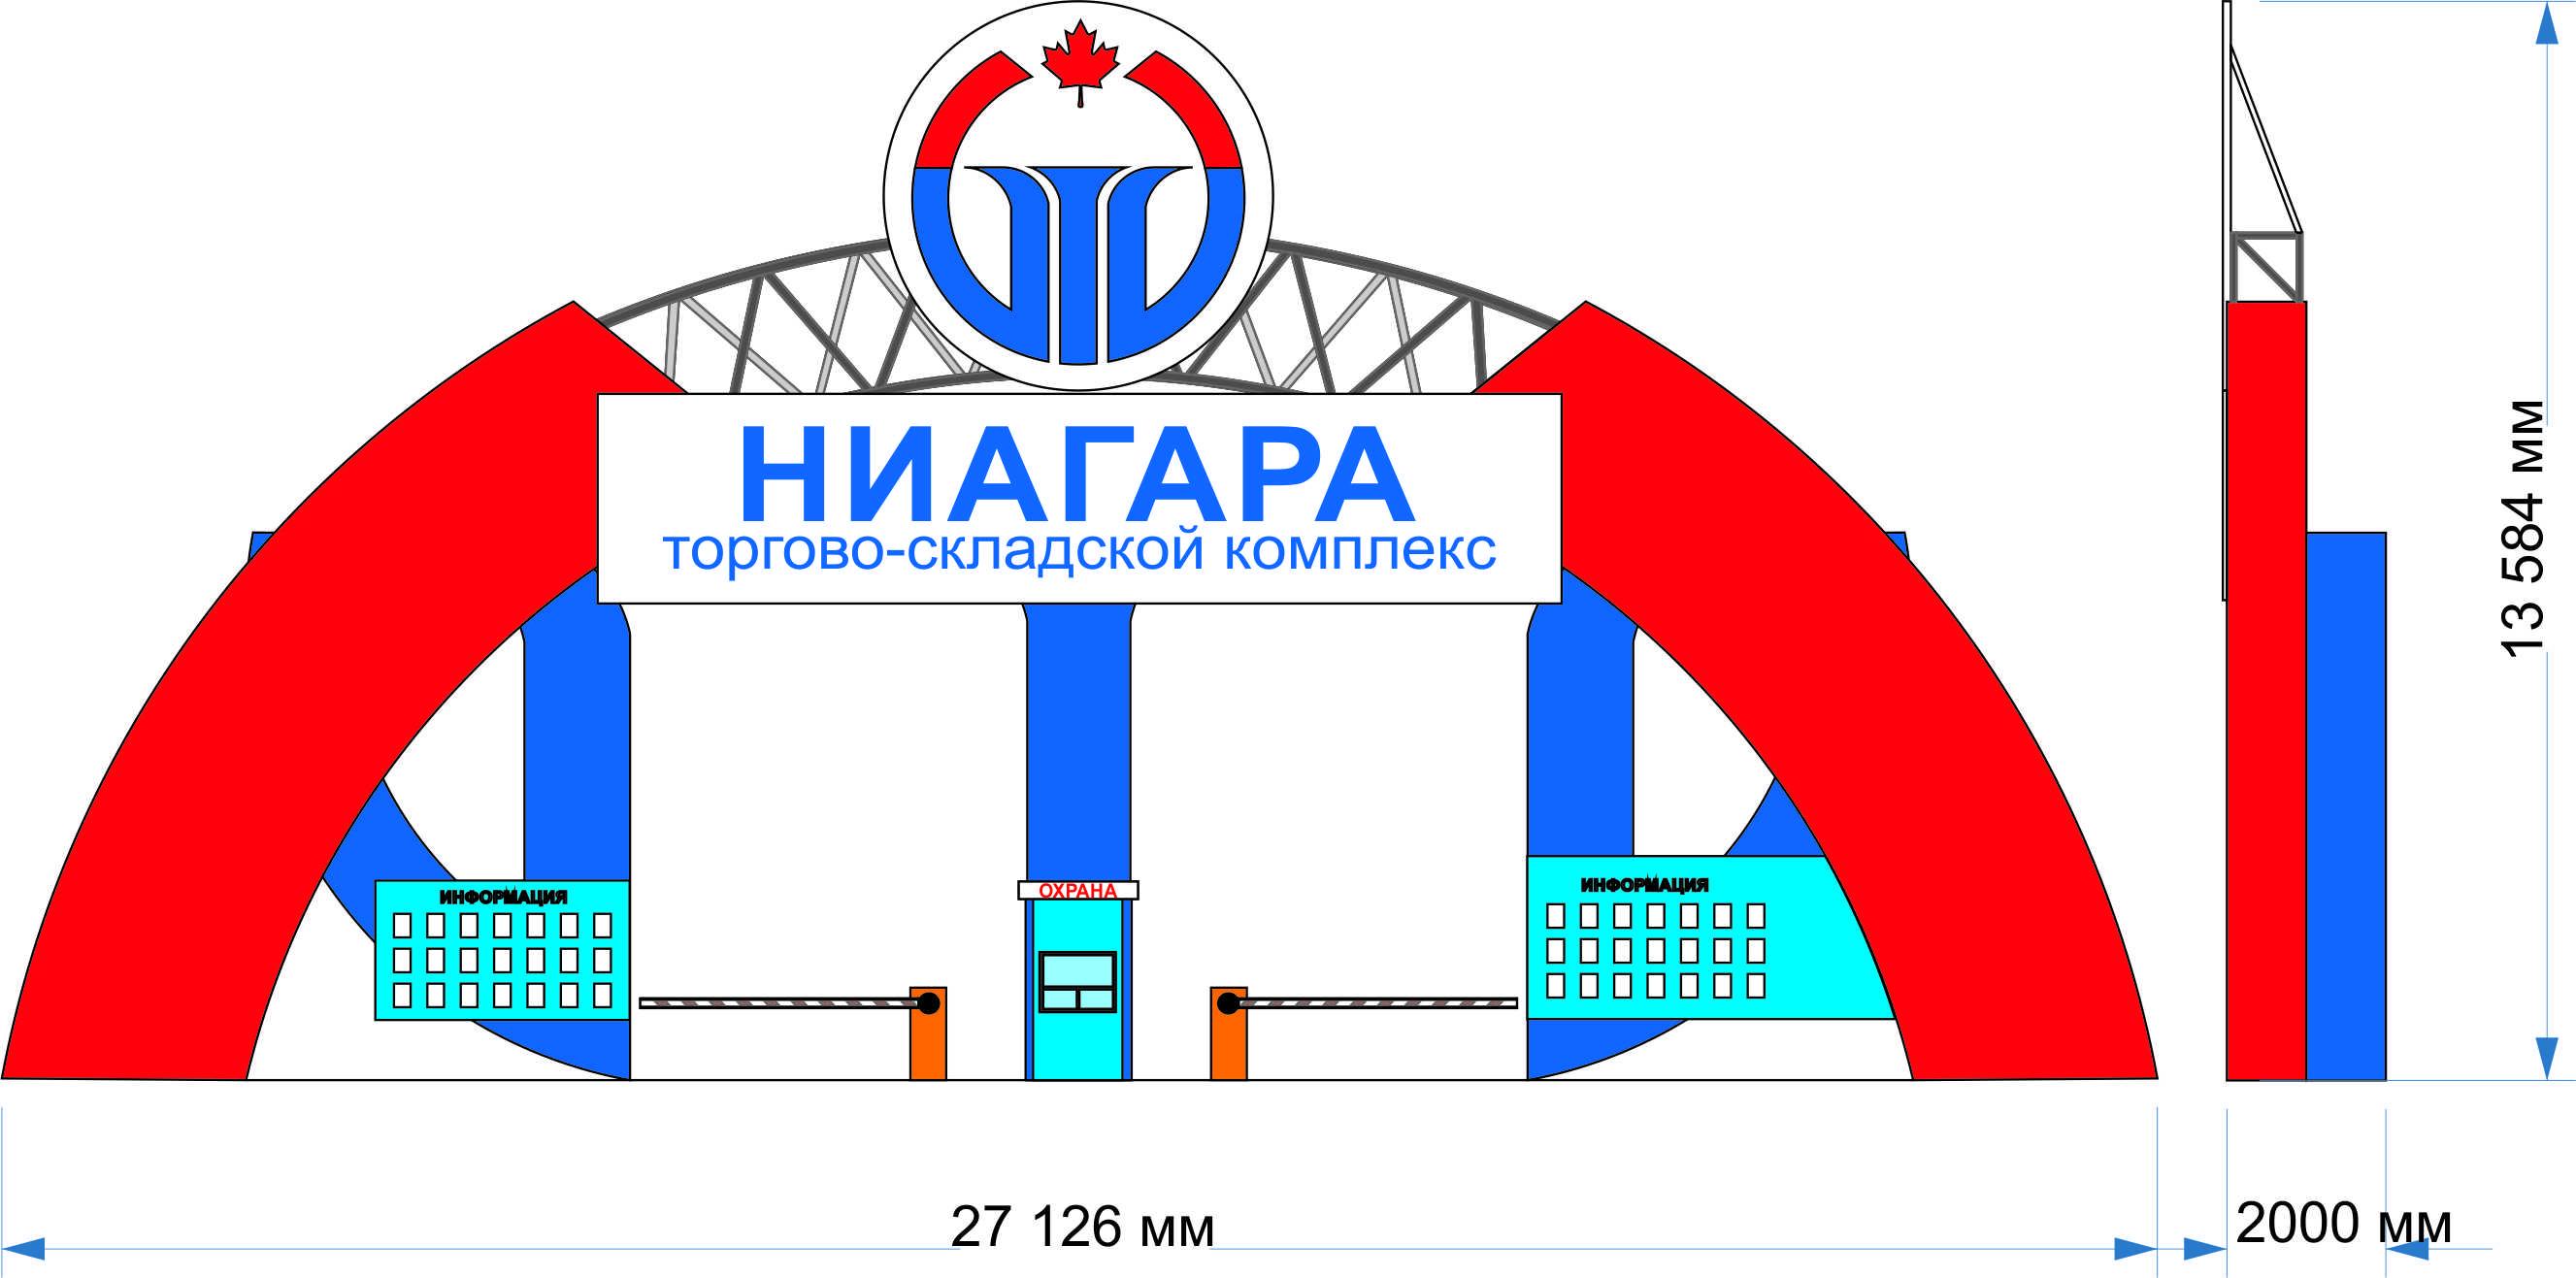 Дизайн Входной группы Торгово Складского Комлекса фото f_84752df660c94741.jpg